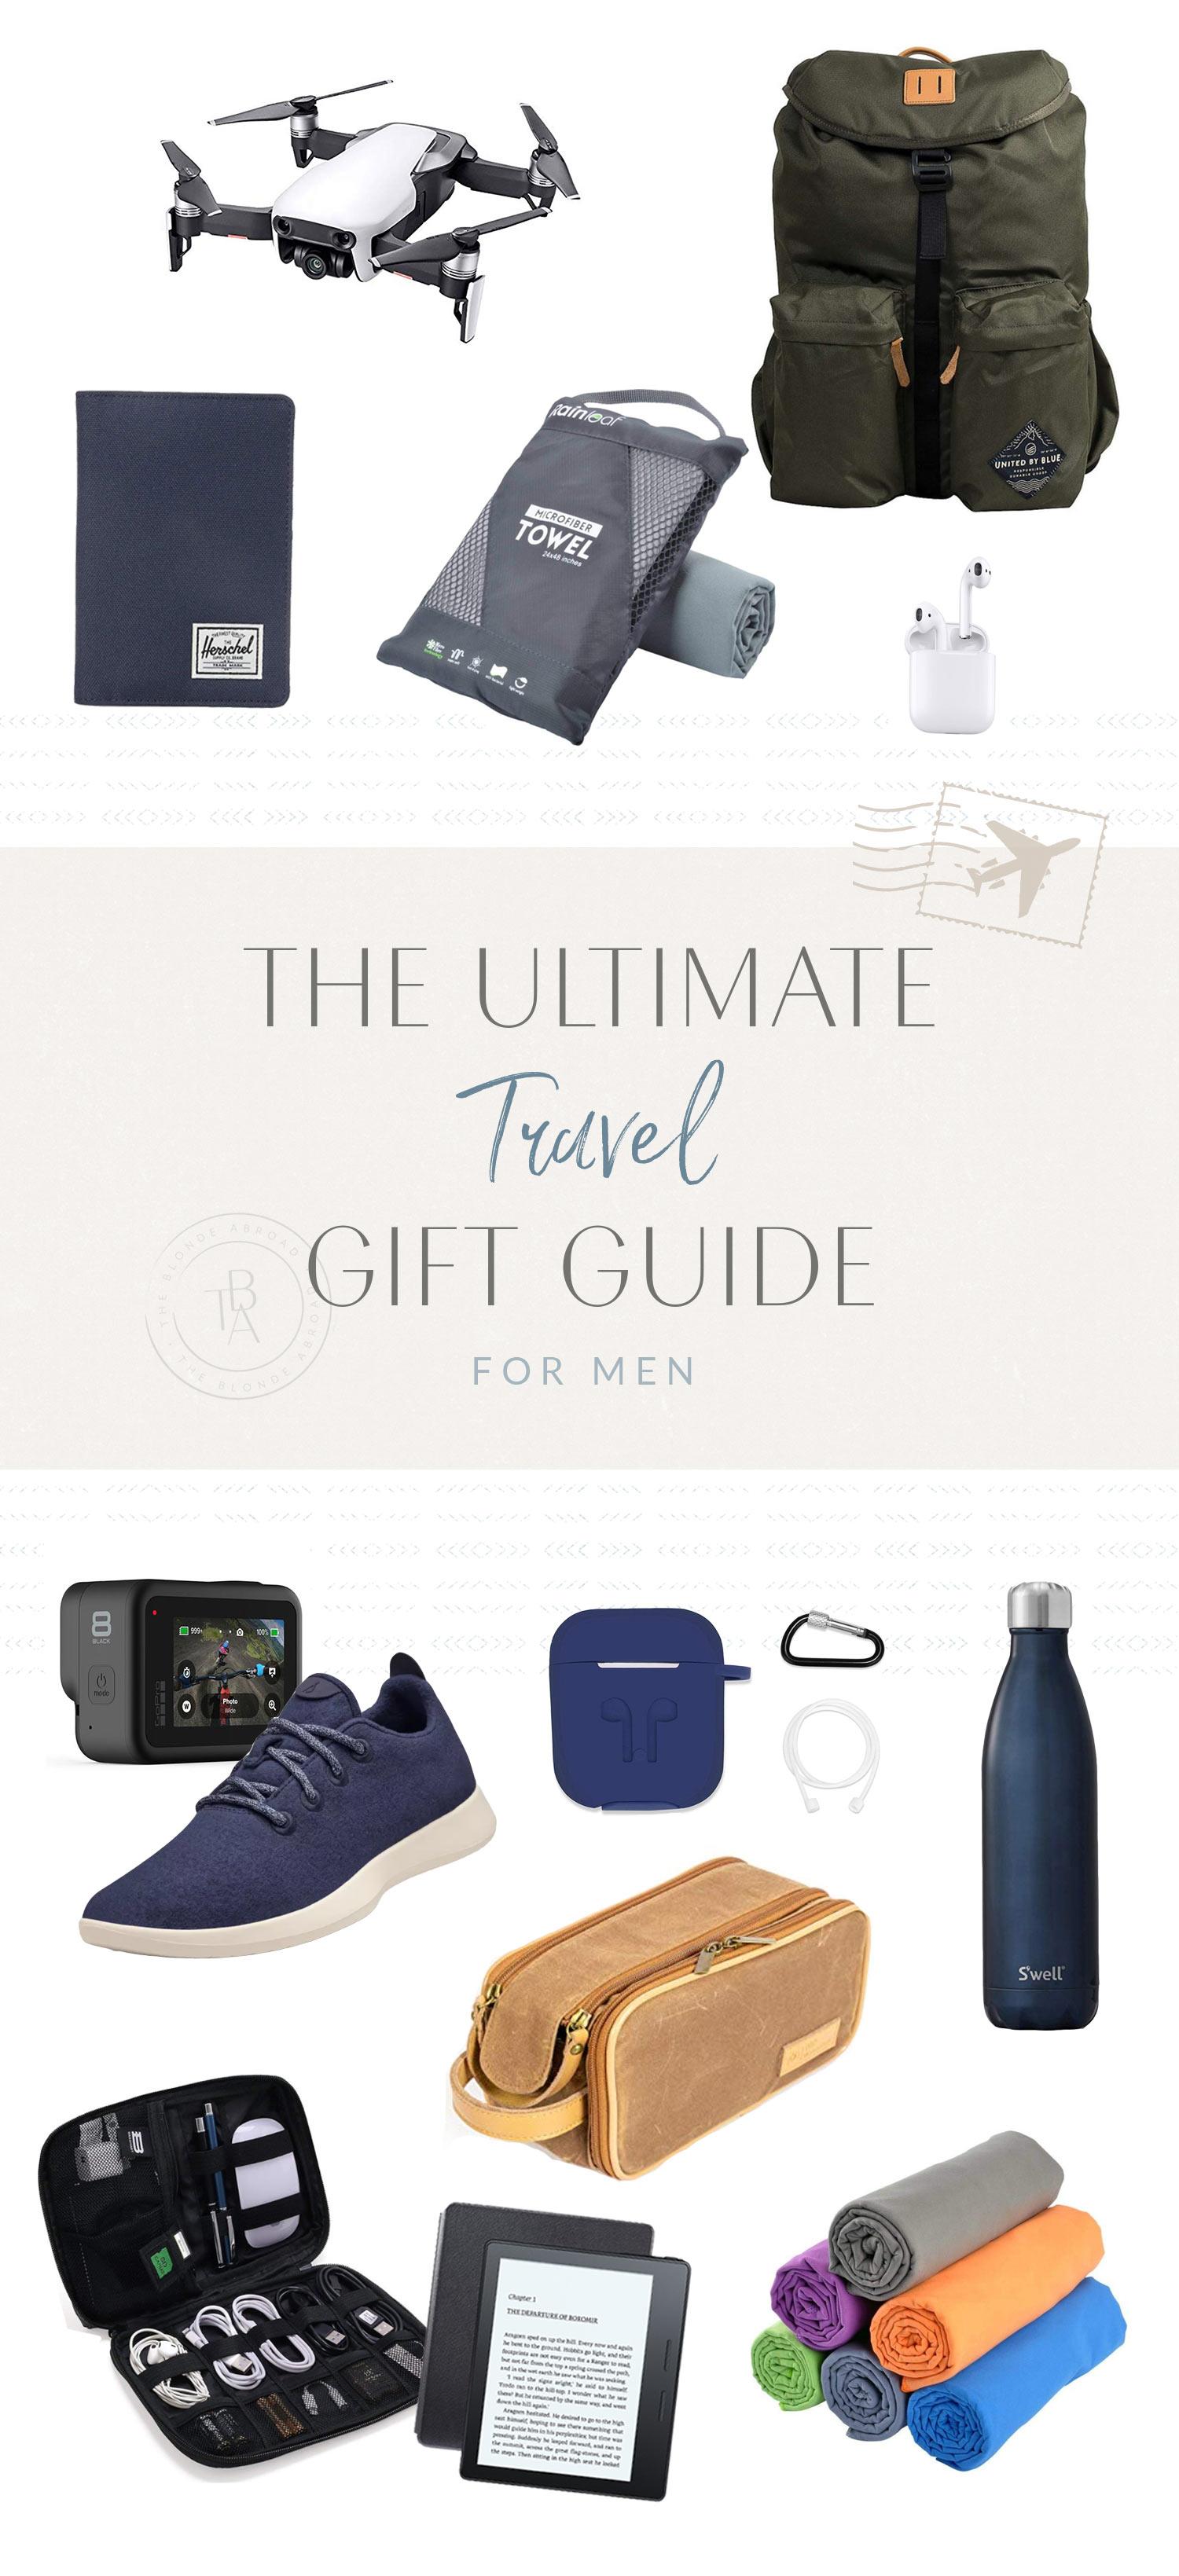 Ultimate Travel Gift Guide for Men